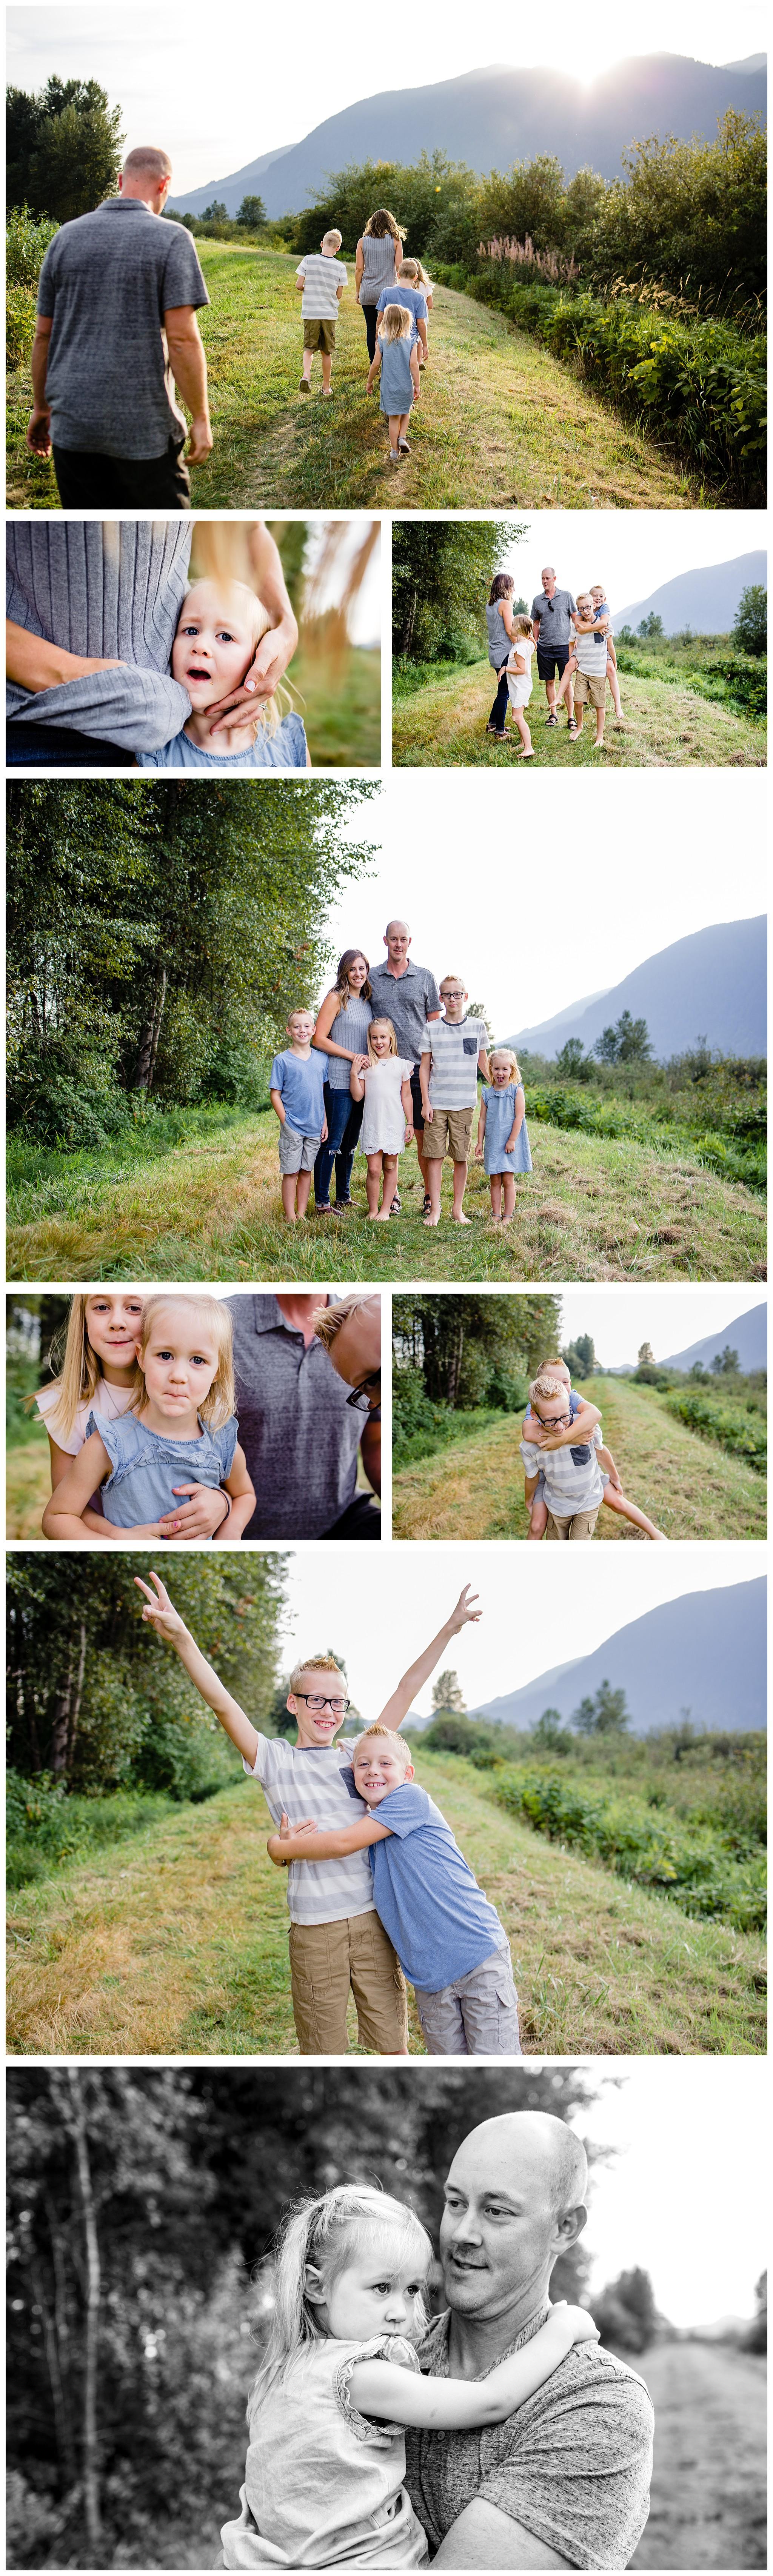 Pitt Lake Documentary Family Photographer Bubbles Mud Family of 6 Boys Girls Children_0093.jpg